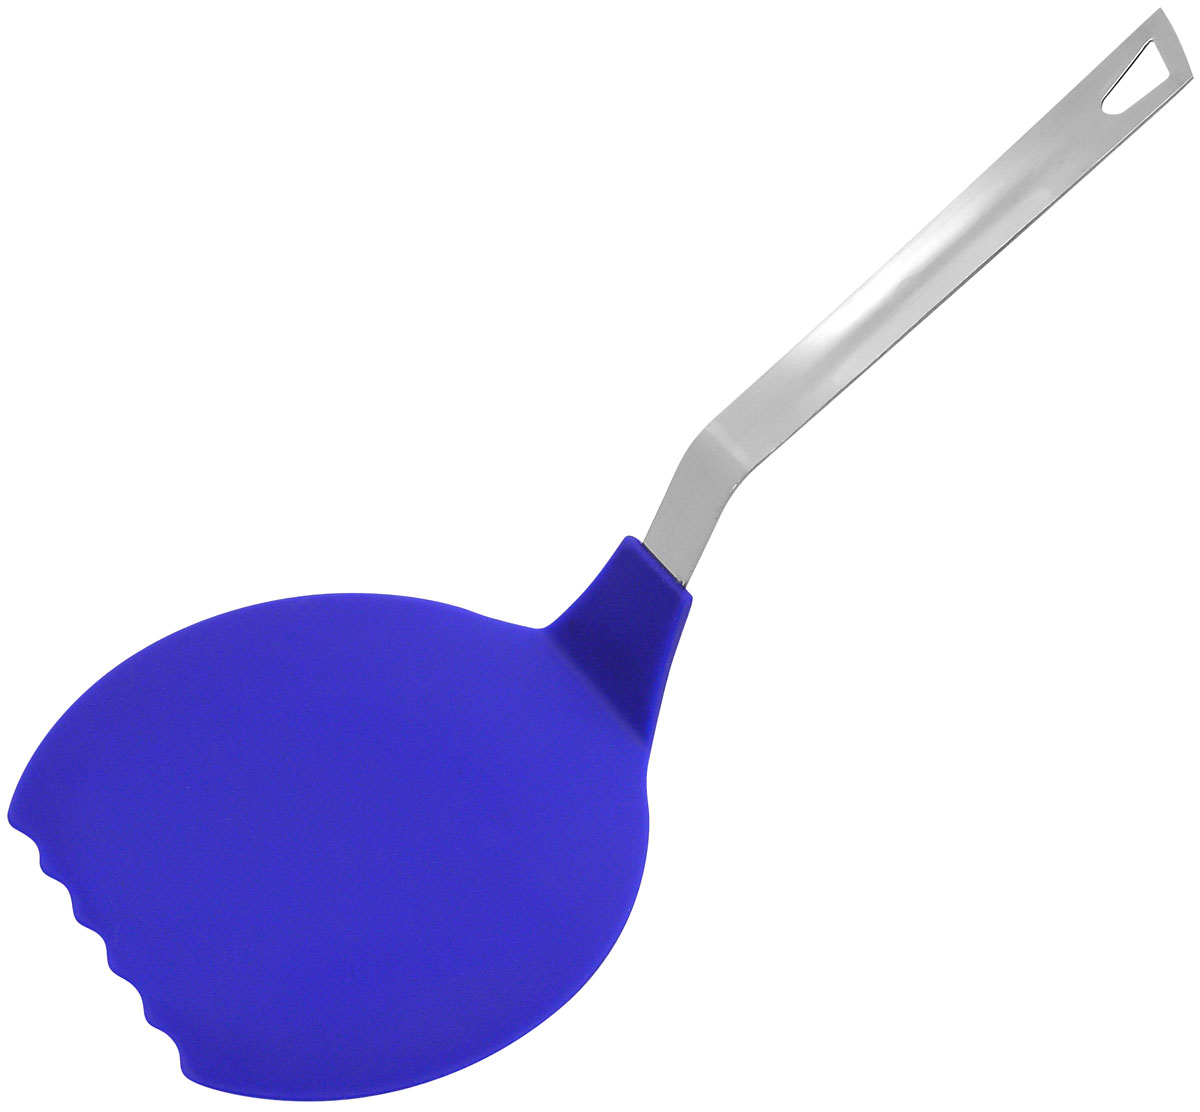 """Кухонная лопатка """"Fackelmann"""" изготовлена из прочного нейлона. Она поможет вам с легкостью перевернуть блины или омлет и снять их со сковороды. Удобная стальная ручка не позволит выскользнуть лопатке из вашей руки, а благодаря небольшой петле можно подвесить изделие на кухне. Практичная и удобная лопатка """"Fackelmann"""" займет достойное место среди аксессуаров на вашей кухне.Изделие устойчиво к температуре до 170°С. Можно мыть в посудомоечной машине. Характеристики:Материал: нейлон, нержавеющая сталь. Длина лопатки: 35 см. Размер рабочей части: 16 см х 14,5 см."""